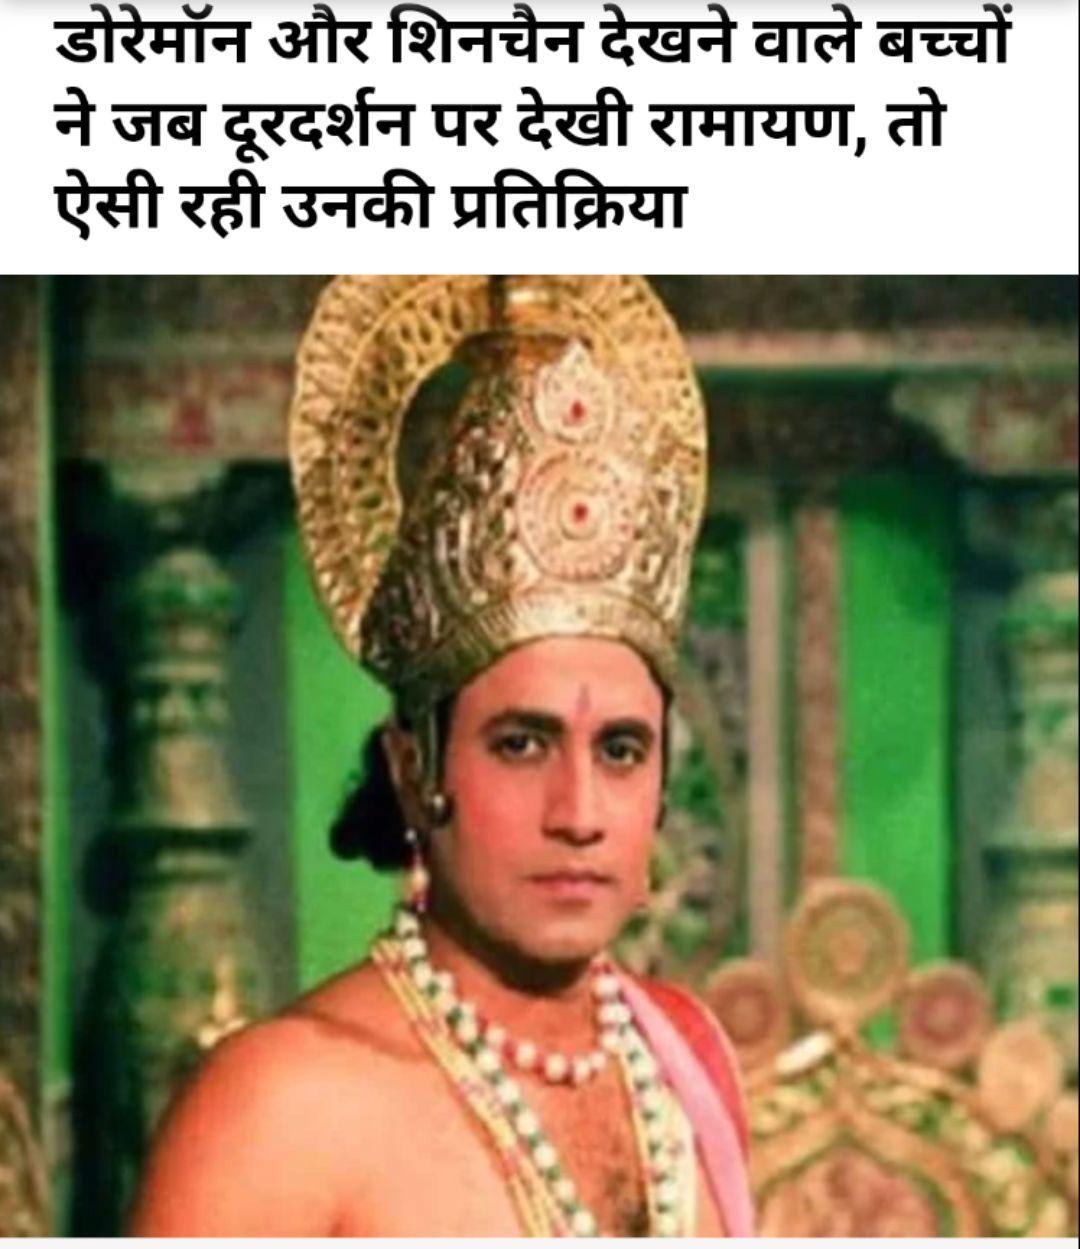 🙏रामायण का पुनः प्रसारण📺 - डोरेमॉन और शिनचैन देखने वाले बच्चों ने जब दूरदर्शन पर देखी रामायण , तो ऐसी रही उनकी प्रतिक्रिया - ShareChat